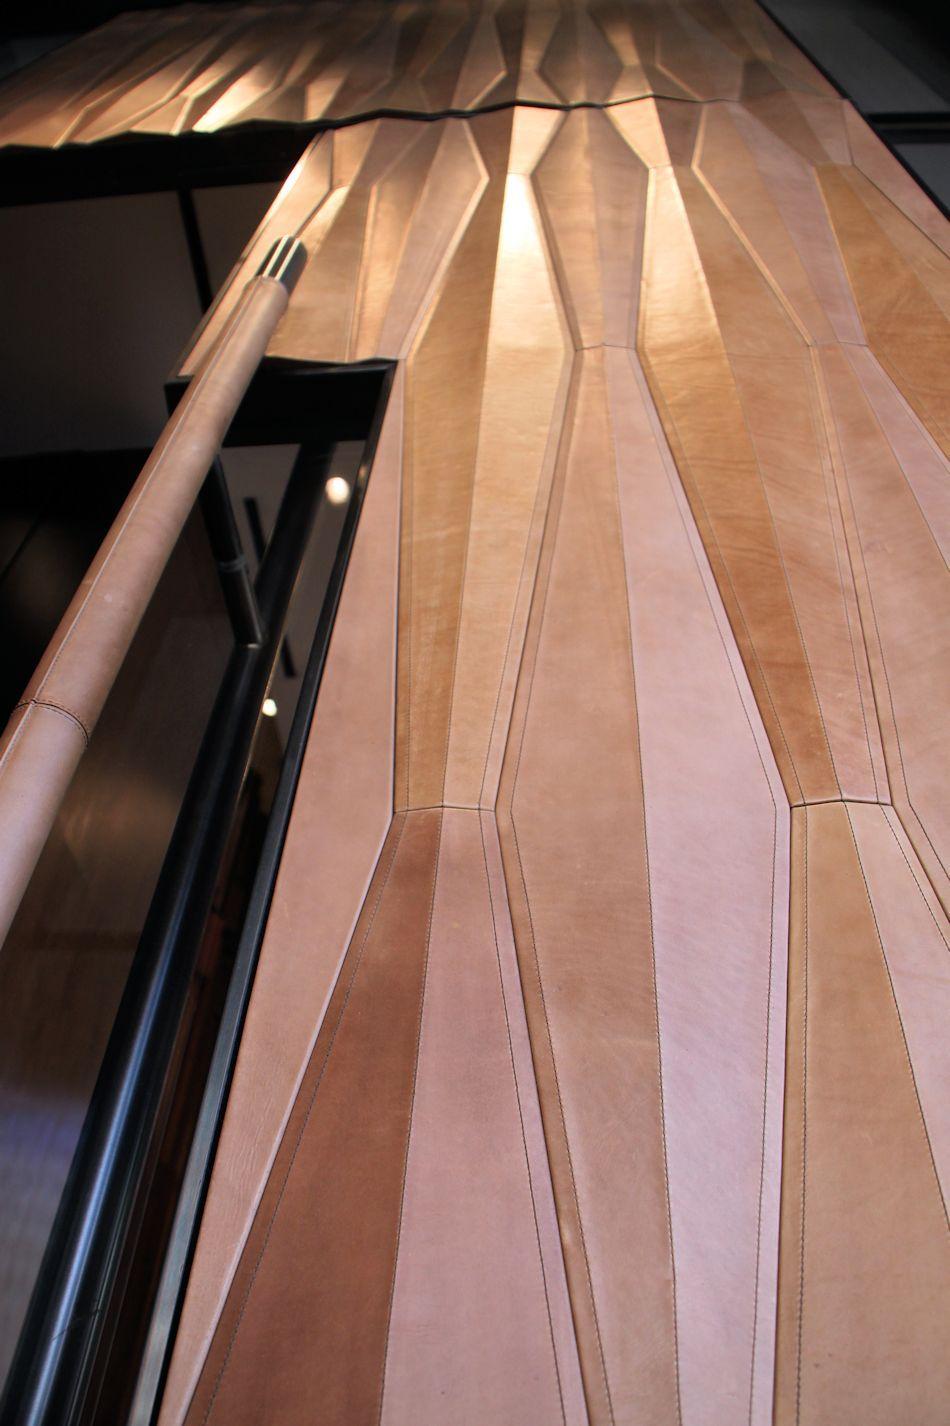 Door Design, Wall Paneling, Ceiling Design